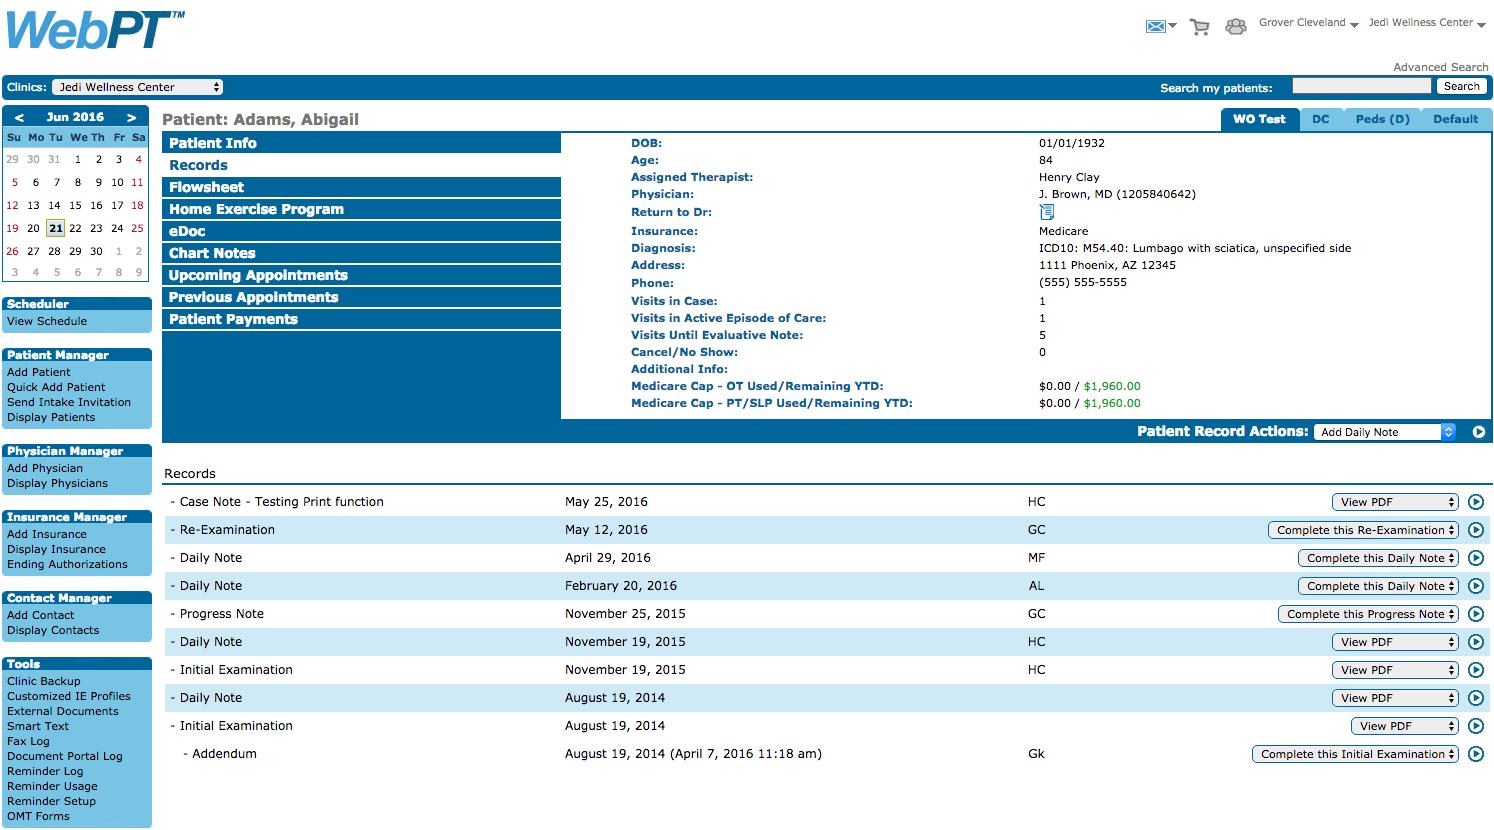 WebPT Patient Record